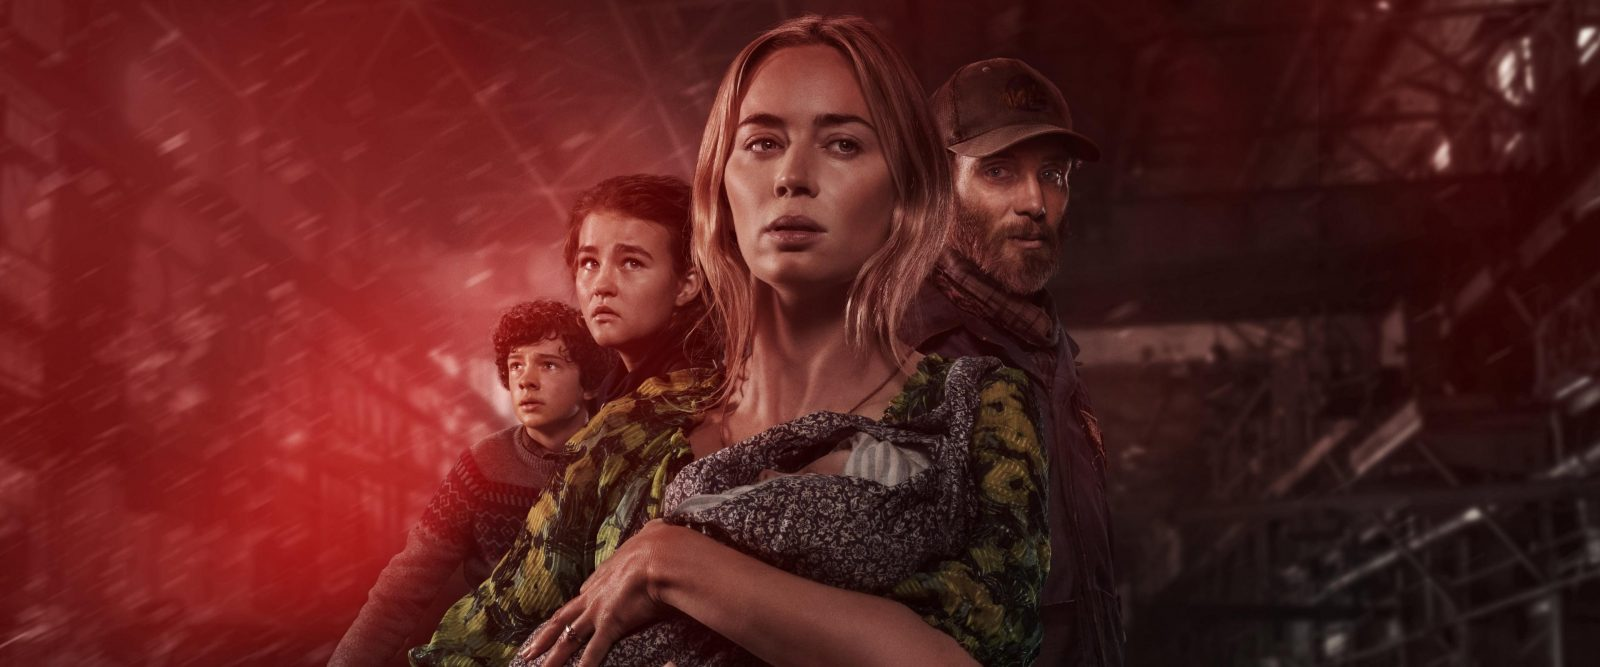 Съемки «Тихого места 3» возглавит новый режиссер